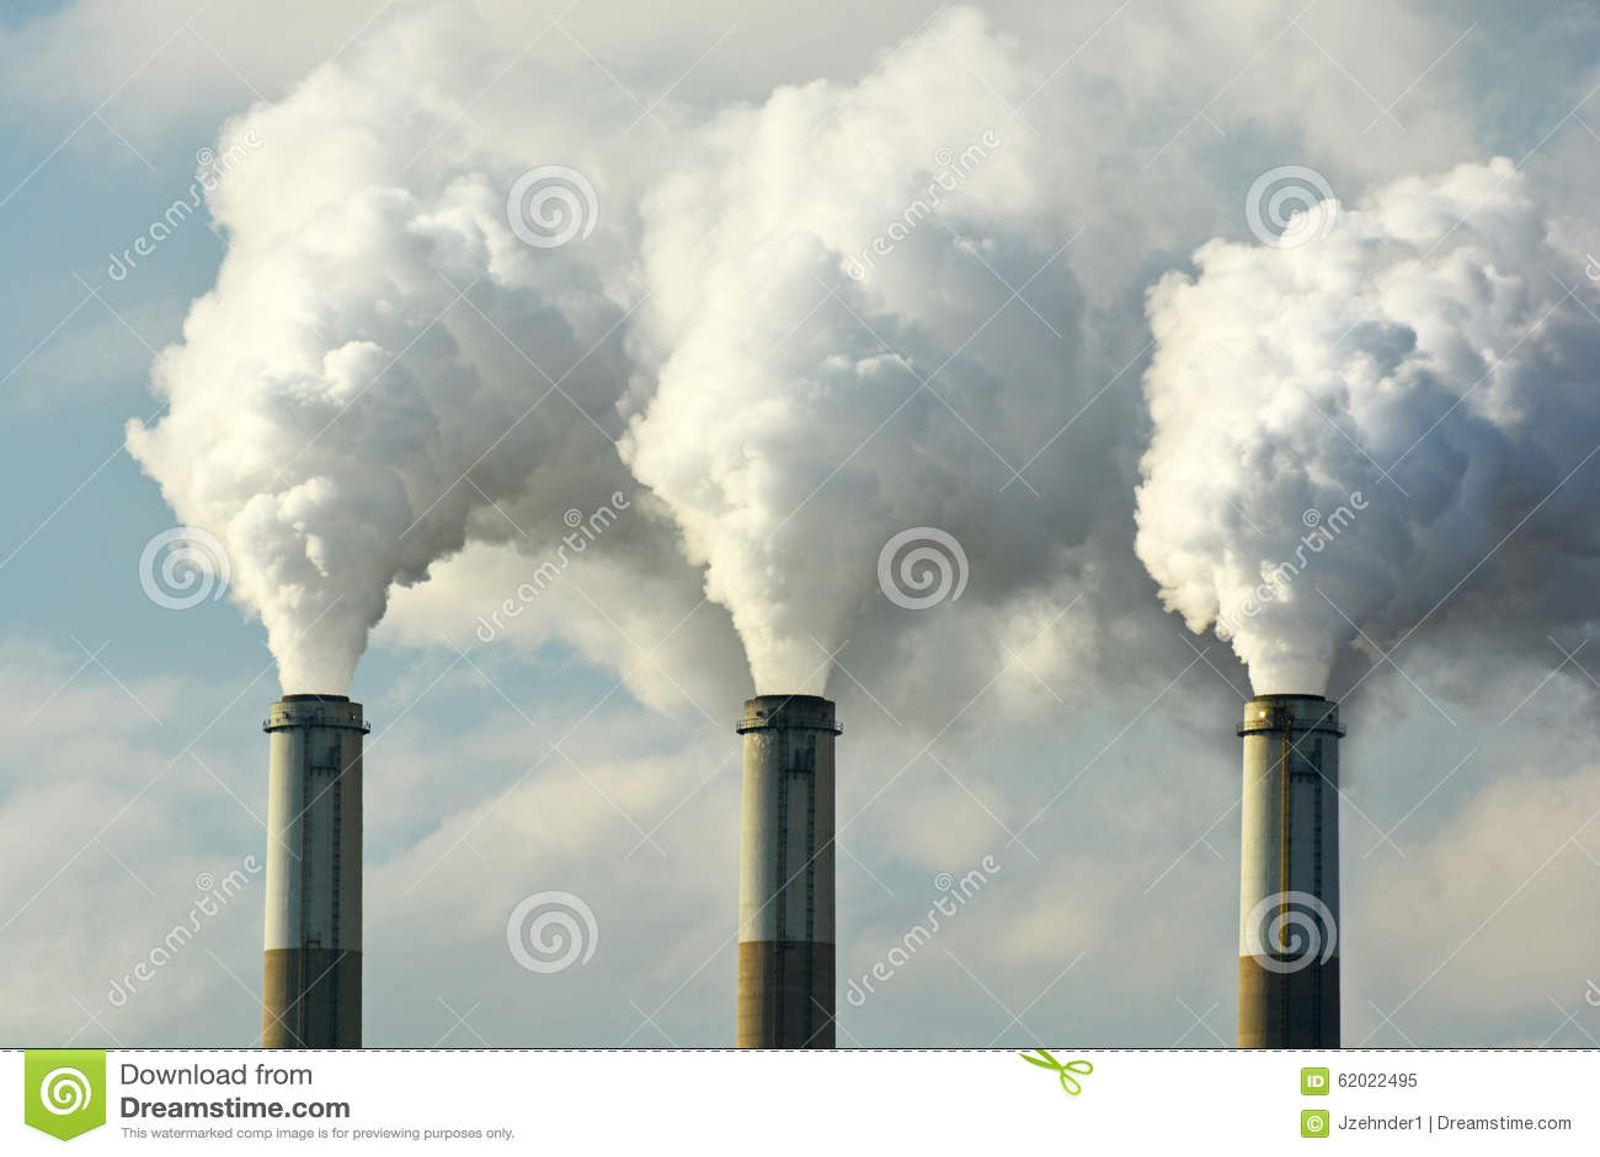 De veelvoudige de Elektrische centraleschoorstenen van de Steenkool Fossiele Brandstof zenden Kooldioxideverontreiniging uit